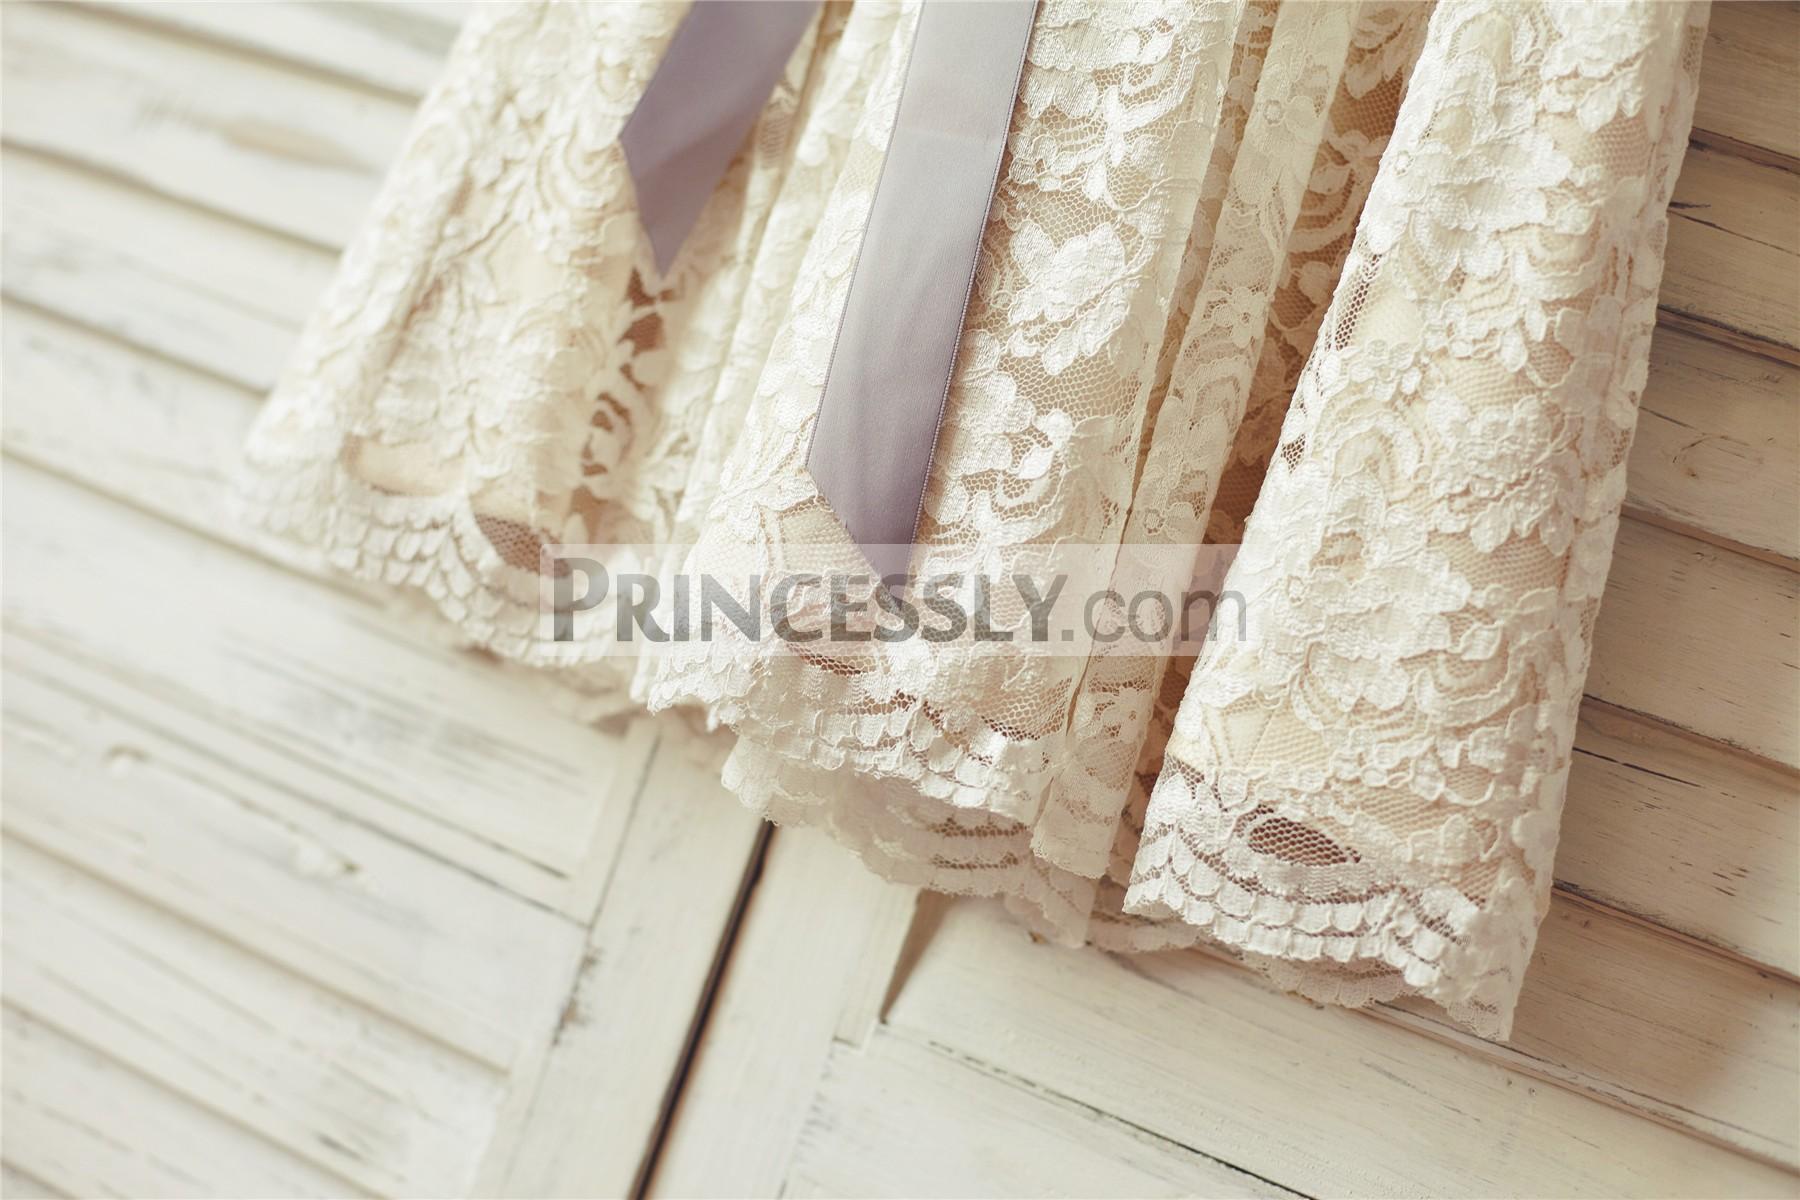 Scalloped hem of lace layered skirt